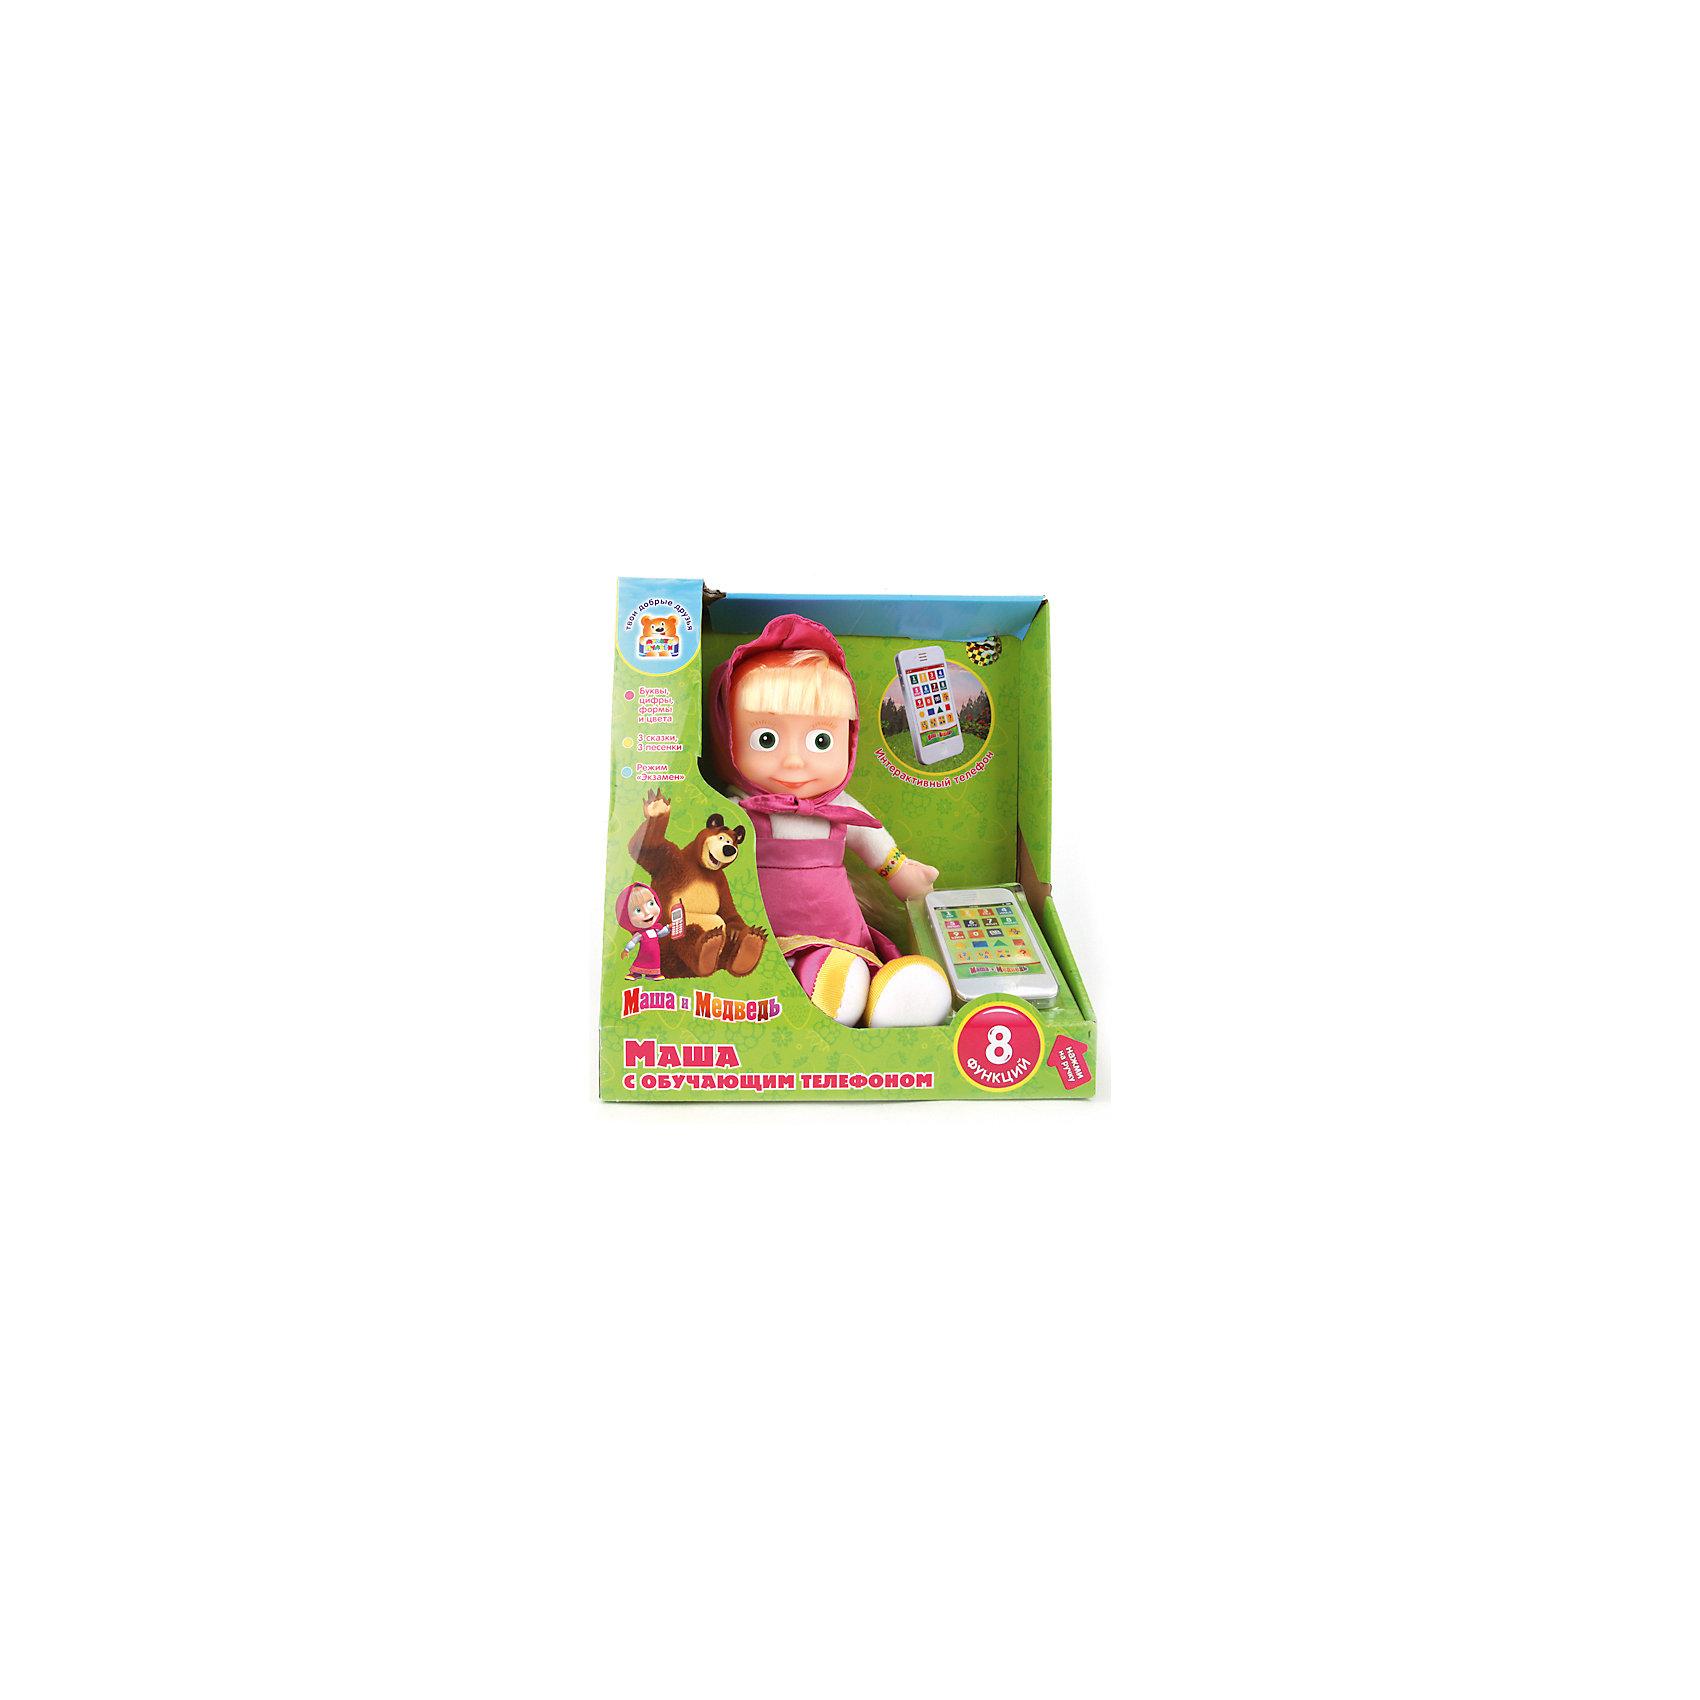 Мягкая игрушка Маша с обучающим телефоном, 30 см, со звуком, Маша и Медведь, МУЛЬТИ-ПУЛЬТИКукла Маша с обучающим телефоном со звуком от марки МУЛЬТИ-ПУЛЬТИ<br><br>Обучающая кукла от отечественного производителя поможет ребенку проводить время весело и с пользой. Она сделана в виде Маши из известного любимого детьми мультфильма. Нажав на обучающий телефон, ребенок услышит полезную информацию и сможет обучаться в игровой форме. <br>Размер куклы универсален - 30 сантиметров, её удобно брать с собой в поездки и на прогулку. Сделана игрушка из качественных и безопасных для ребенка материалов: тело - мягкое, голова - пластмассовая. <br><br>Отличительные особенности игрушки:<br><br>- материал: текстиль, наполнитель, пластик, металл;<br>- звуковой модуль в телефоне;<br>- язык: русский;<br>- одежда: малиновый сарафан и косынка;<br>- глаза: зеленые;<br>- работает на батарейках;<br>- упаковка: коробка;<br>- высота: 30 см.<br><br>Куклу Маша с обучающим телефоном со звуком от марки МУЛЬТИ-ПУЛЬТИ можно купить в нашем магазине.<br><br>Ширина мм: 900<br>Глубина мм: 320<br>Высота мм: 570<br>Вес г: 850<br>Возраст от месяцев: 36<br>Возраст до месяцев: 84<br>Пол: Женский<br>Возраст: Детский<br>SKU: 4659495